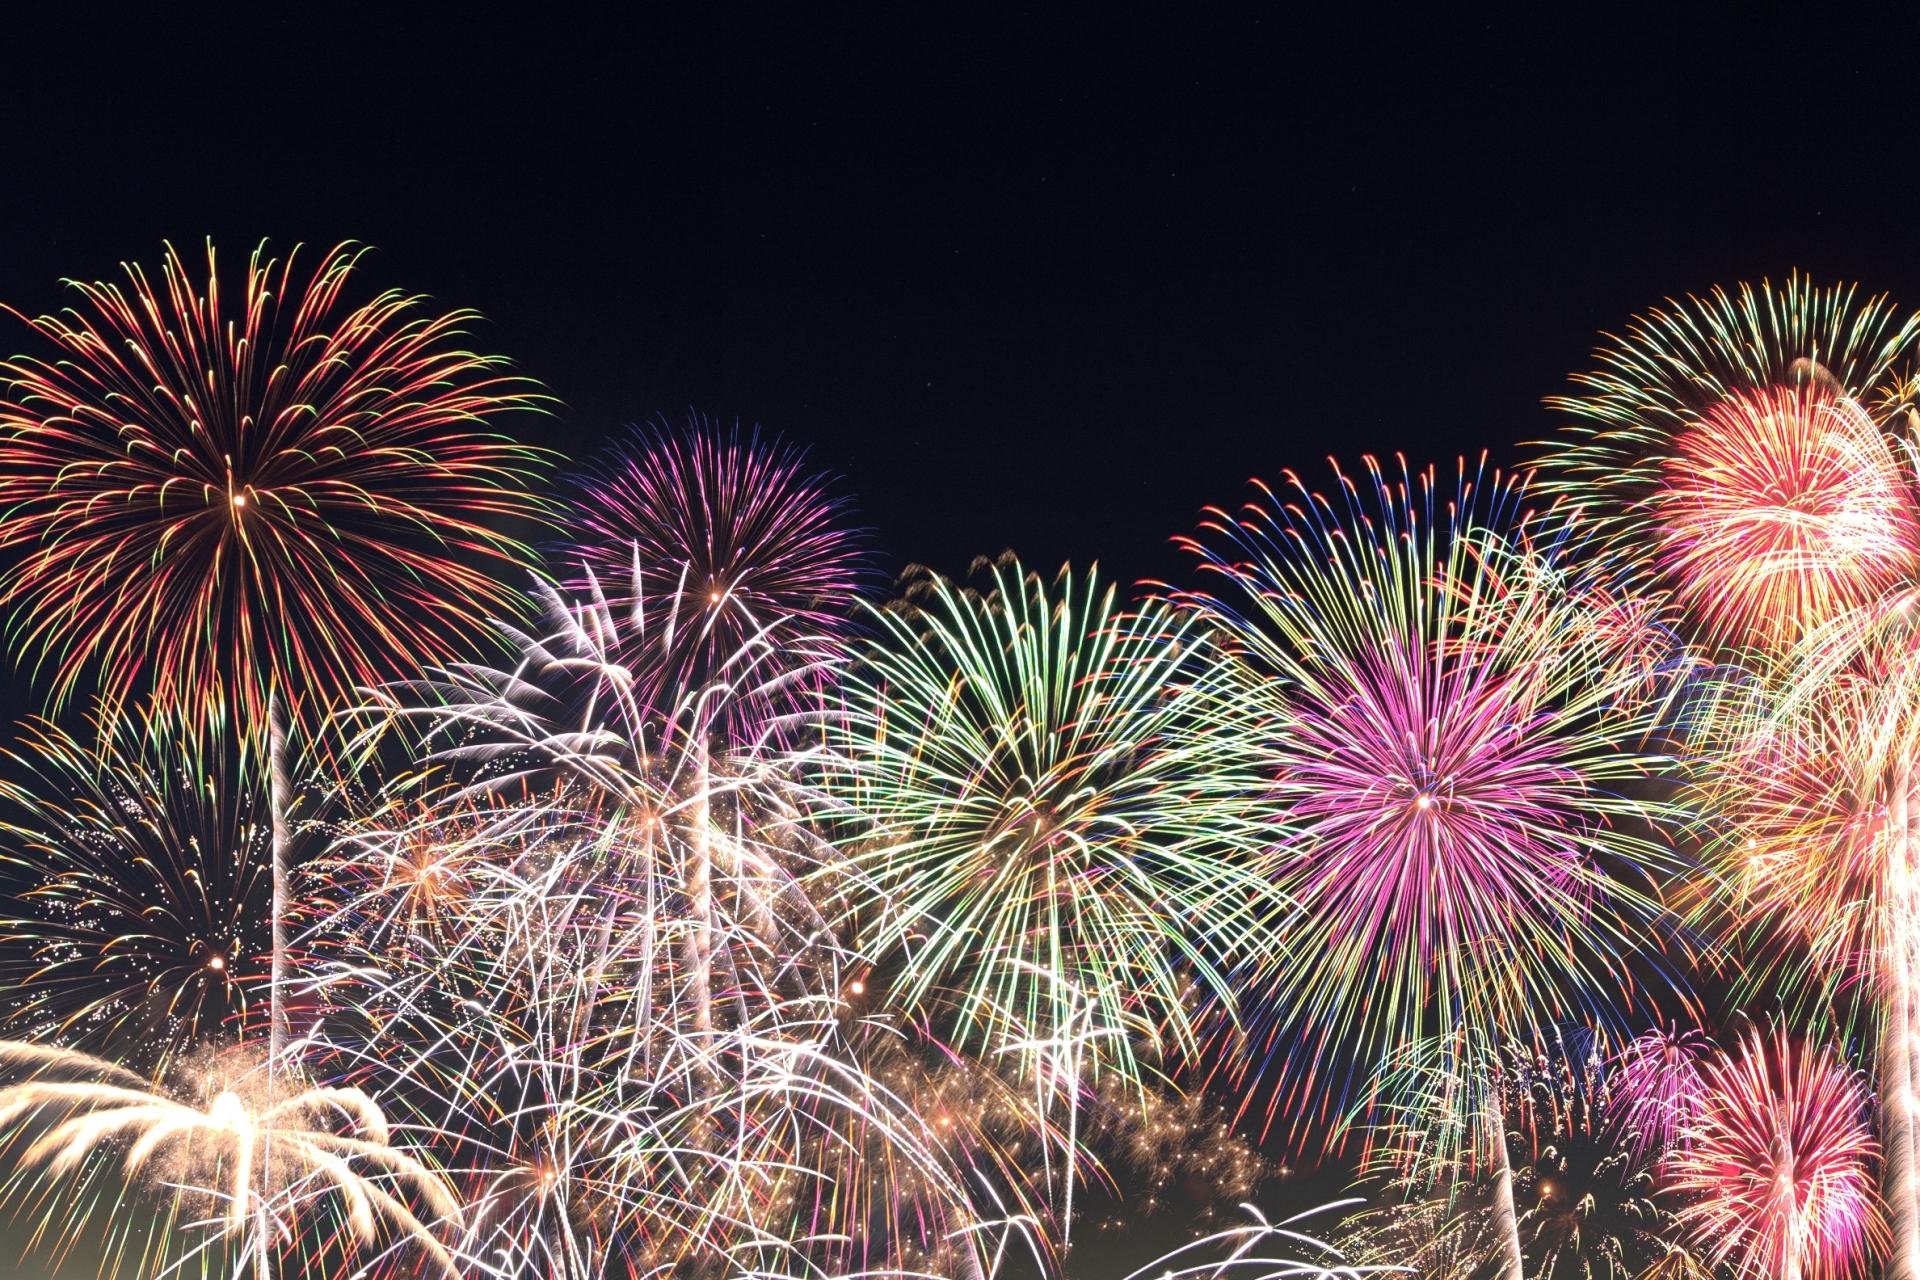 成田市花火大会2018年の日程や場所、穴場スポットは?有料席情報も紹介!